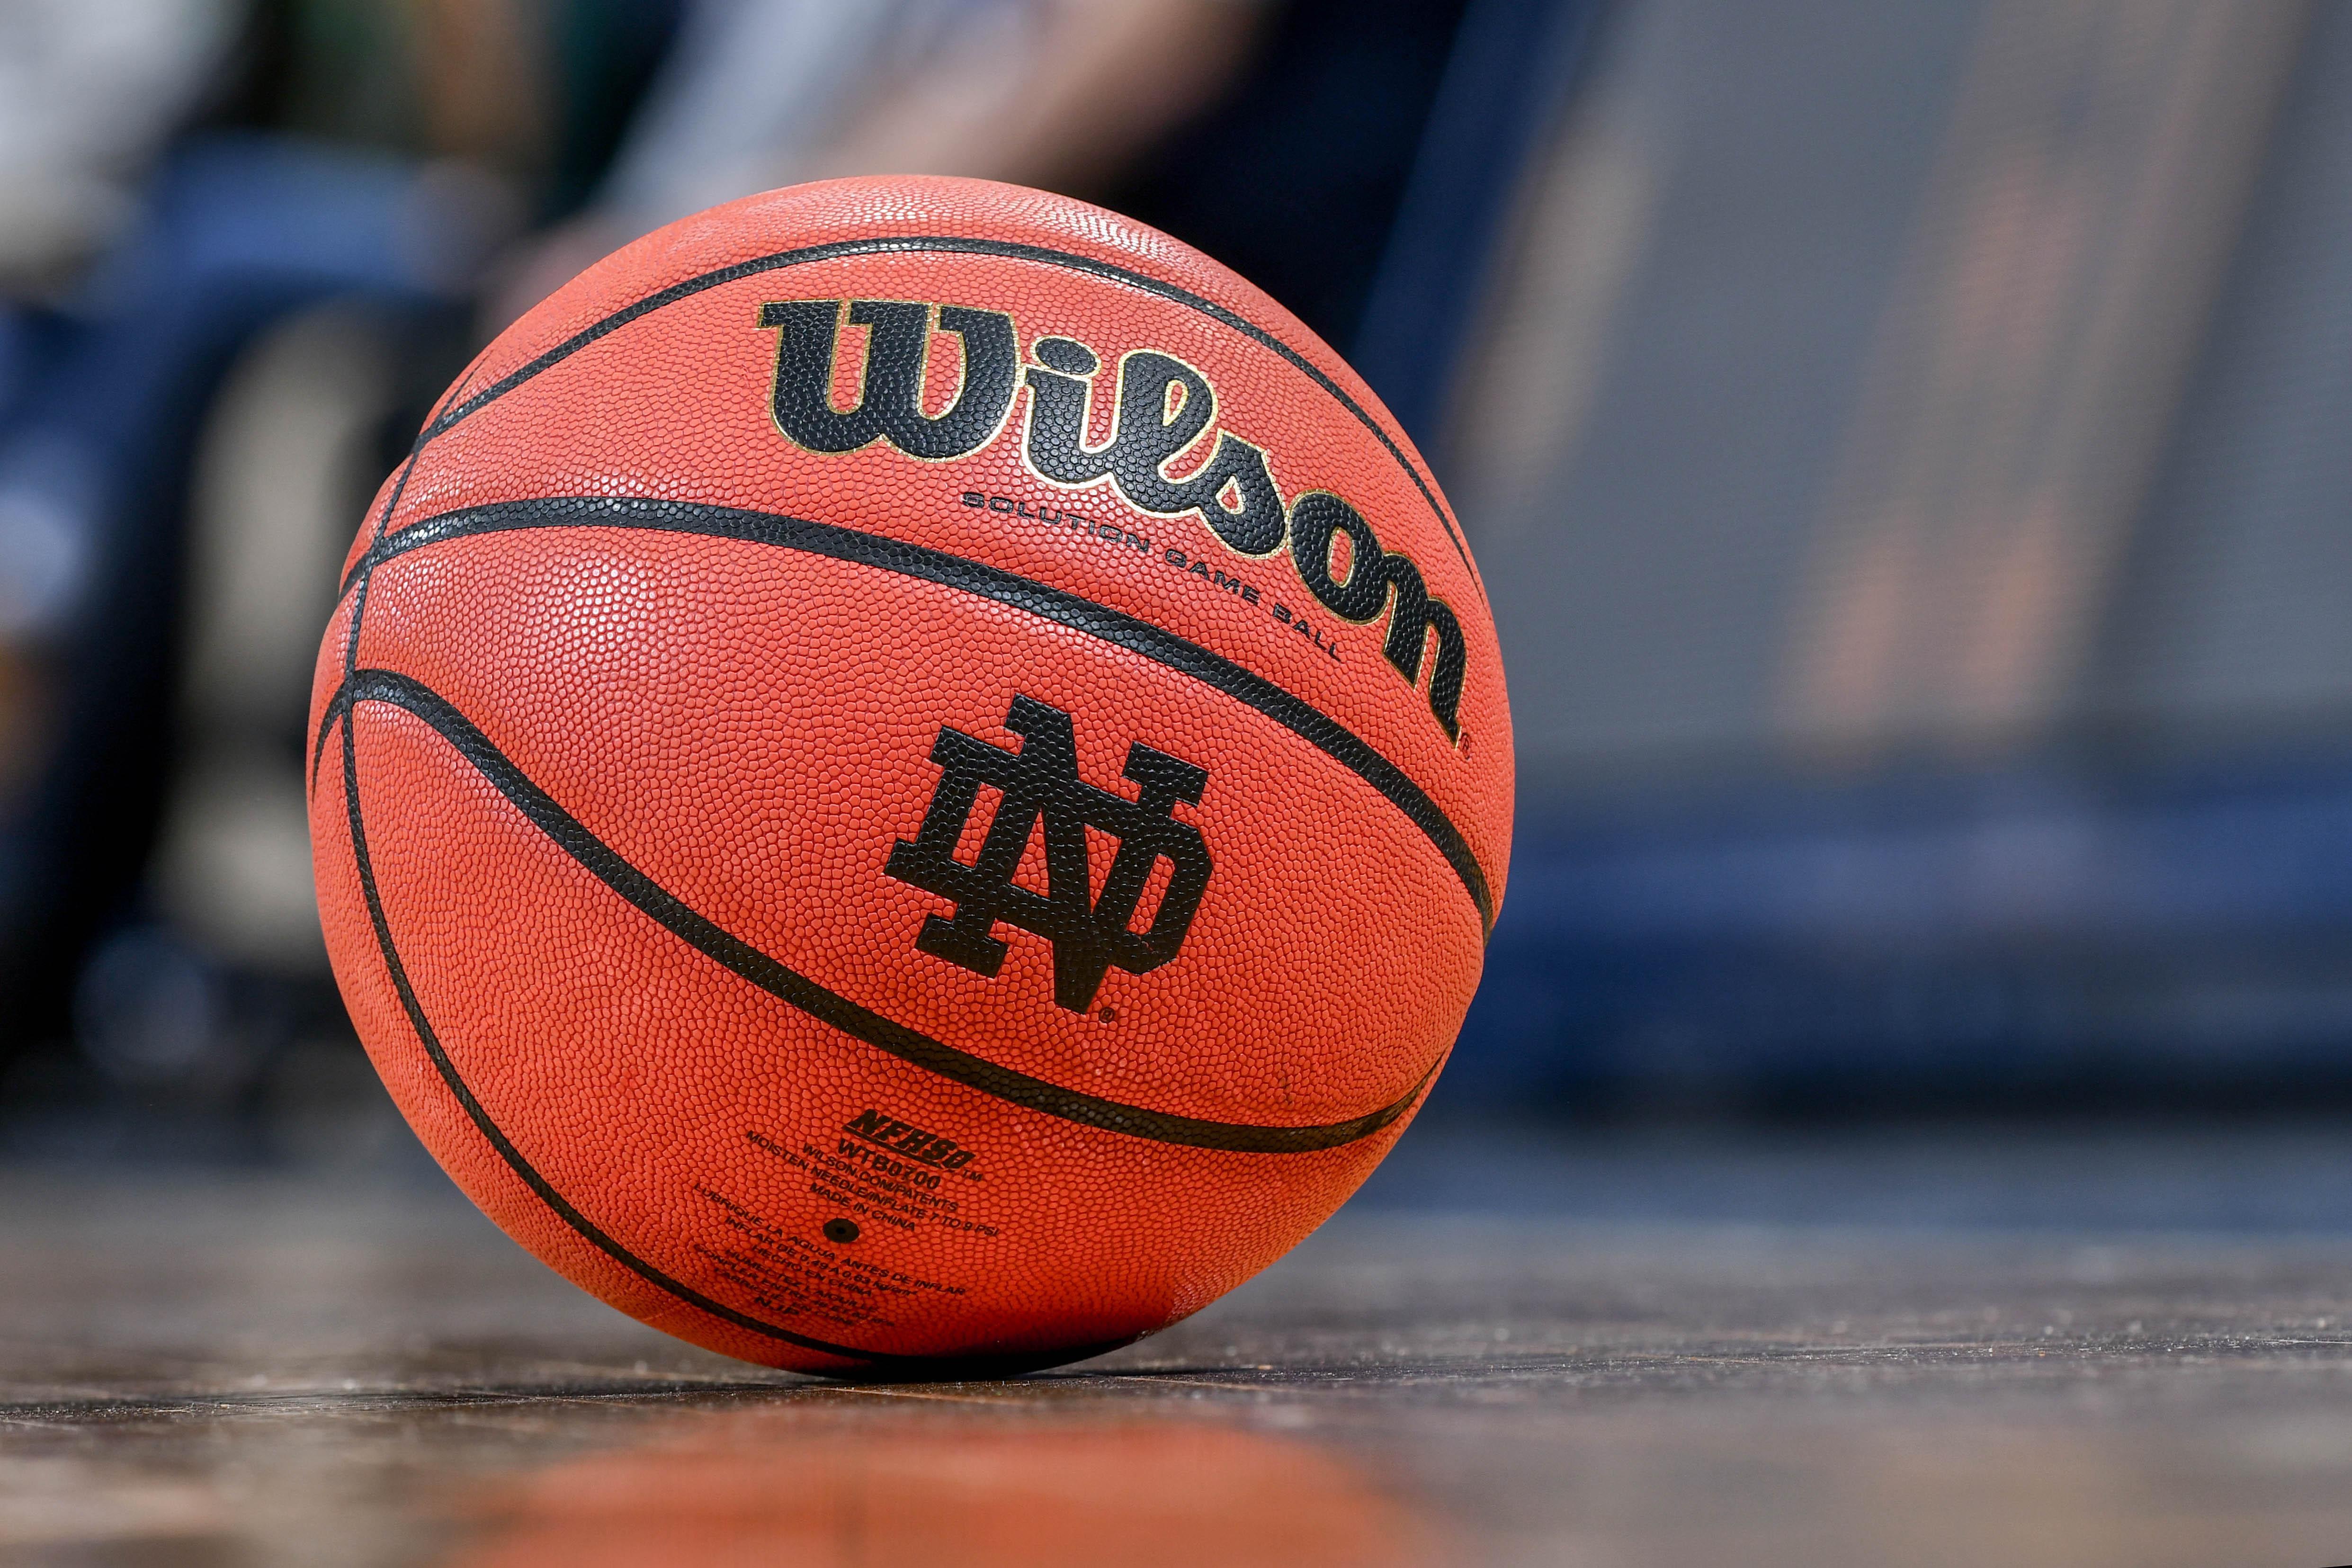 9835409-ncaa-basketball-virginia-at-notre-dame